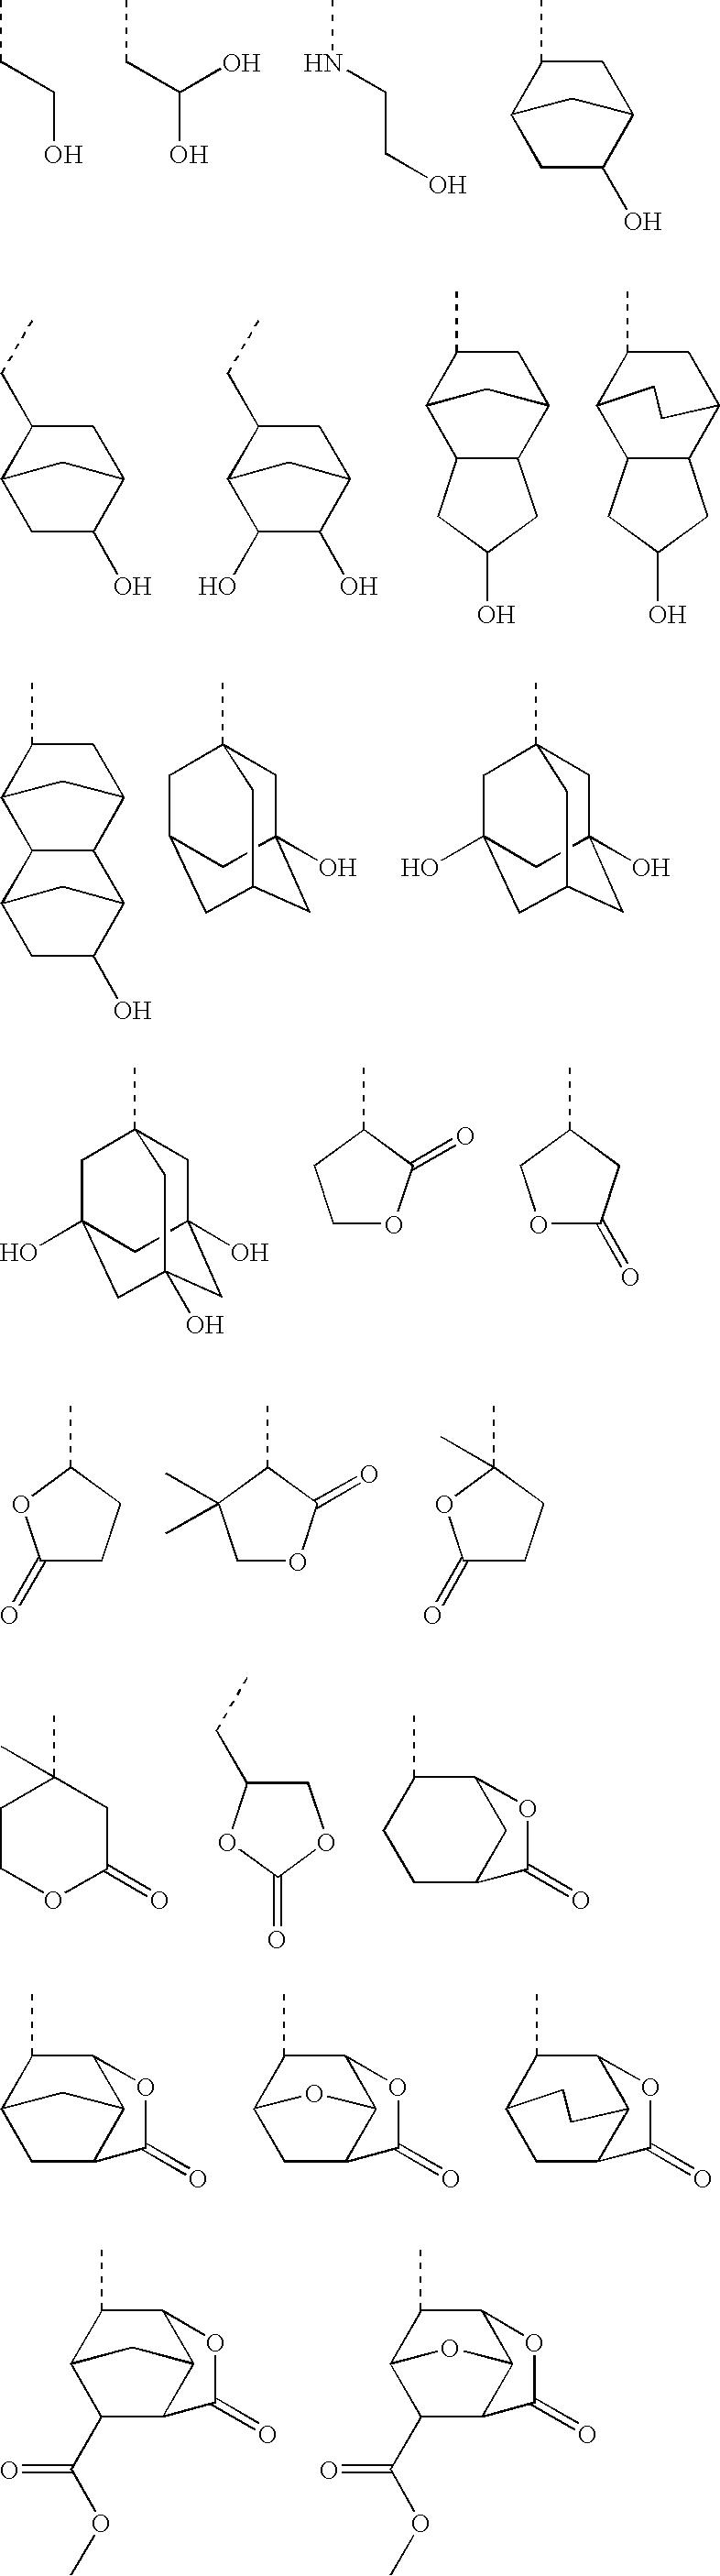 Figure US20090280434A1-20091112-C00024